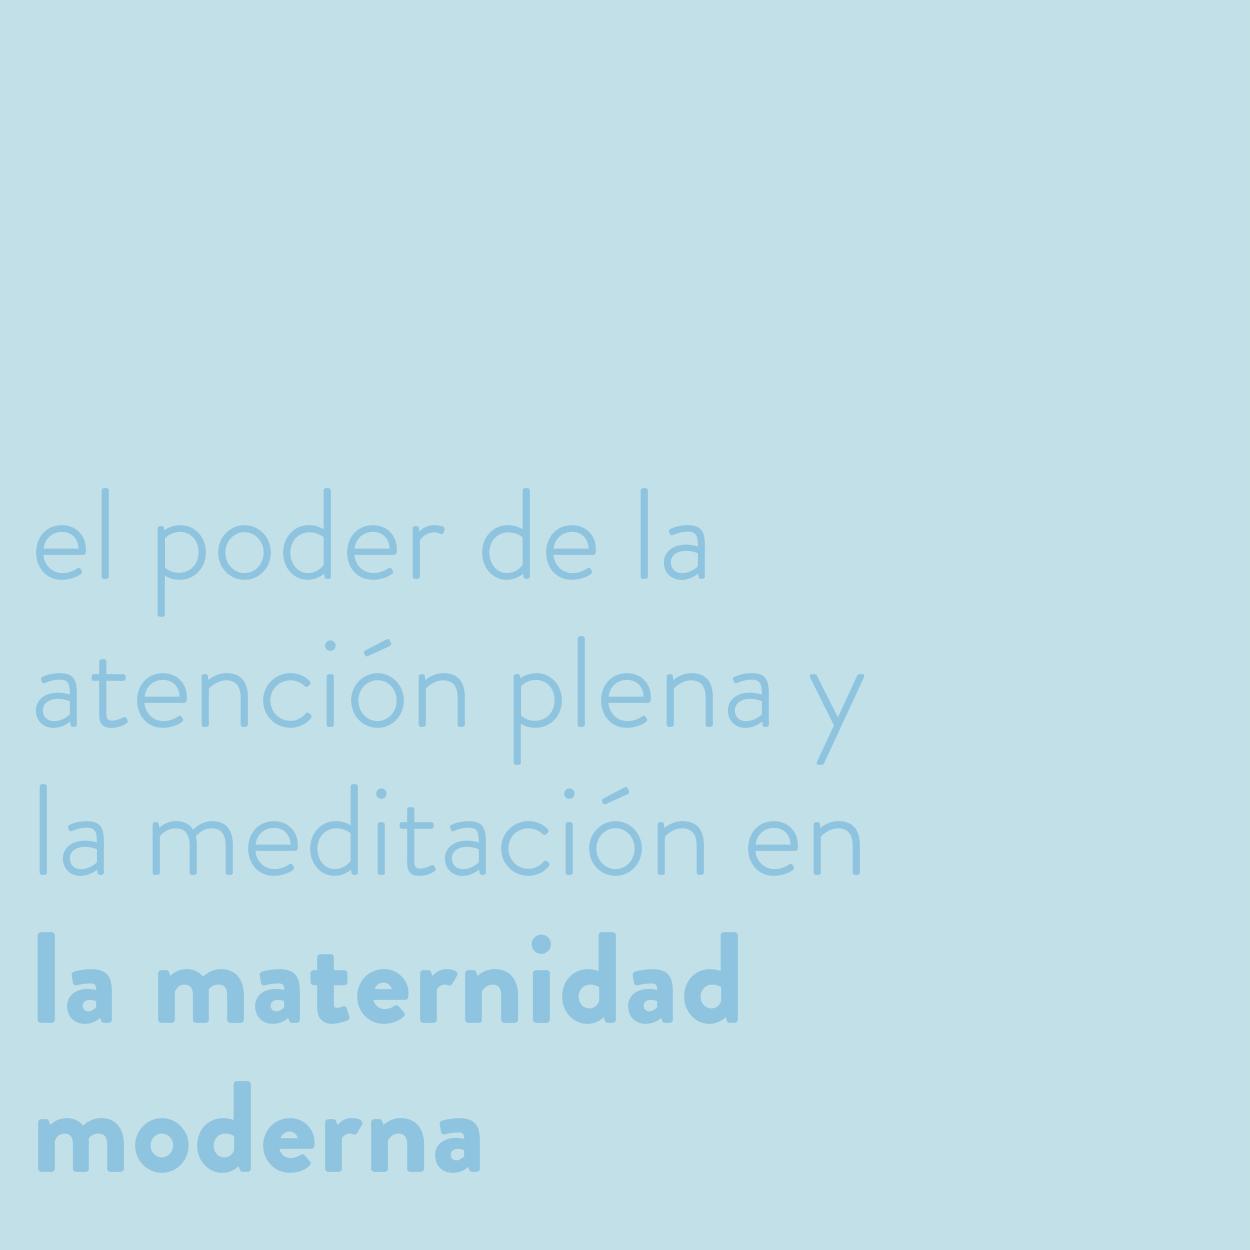 El poder de la atención plena (mindfulness) y la meditación en la maternidad moderna